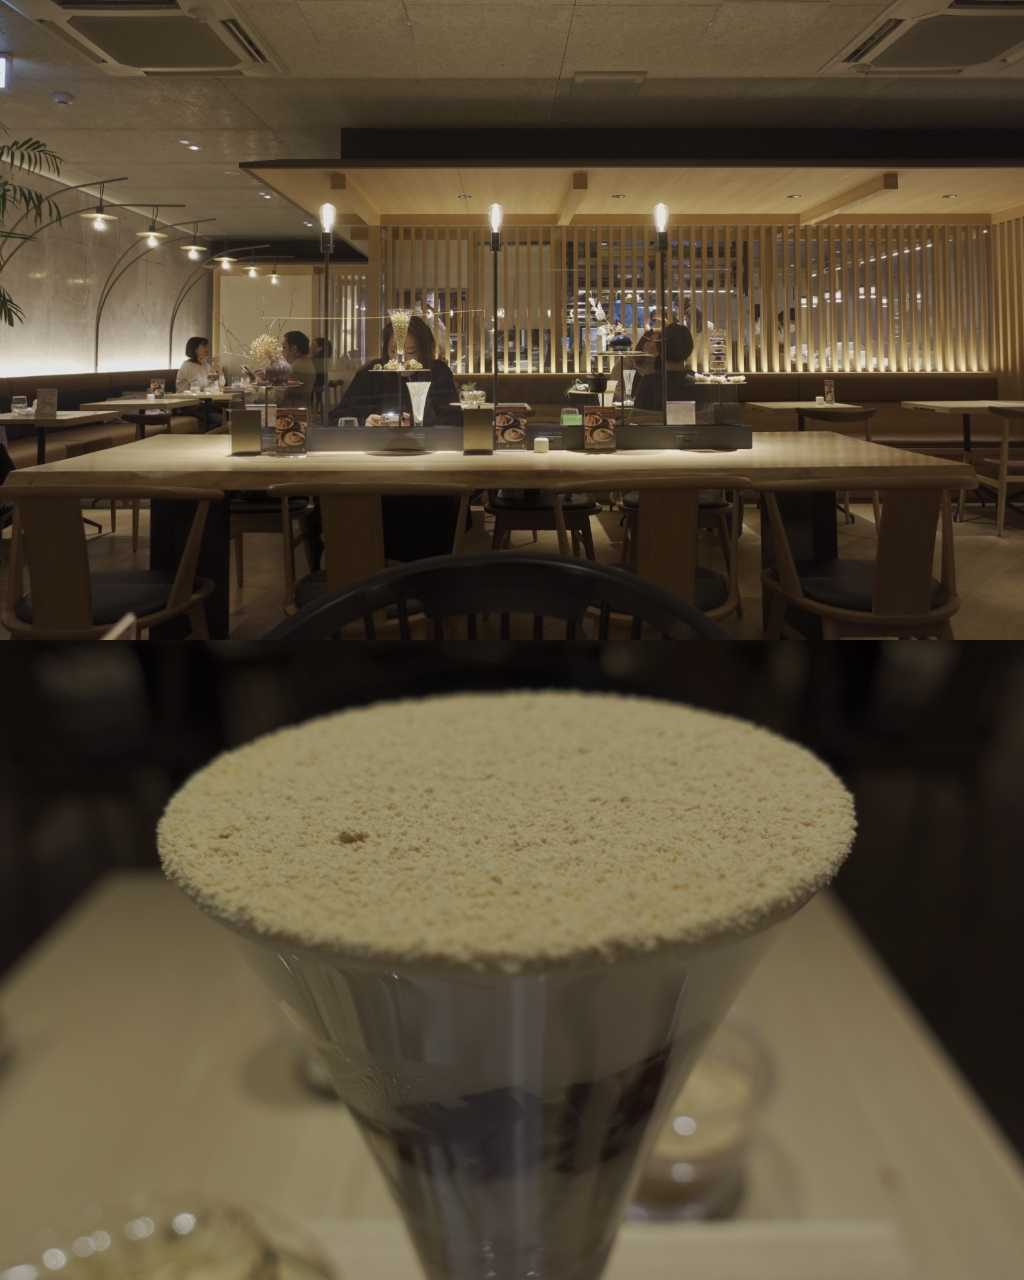 きな粉専門店の京都祇園と四条にある「吉祥菓寮」 - TRIPROUD